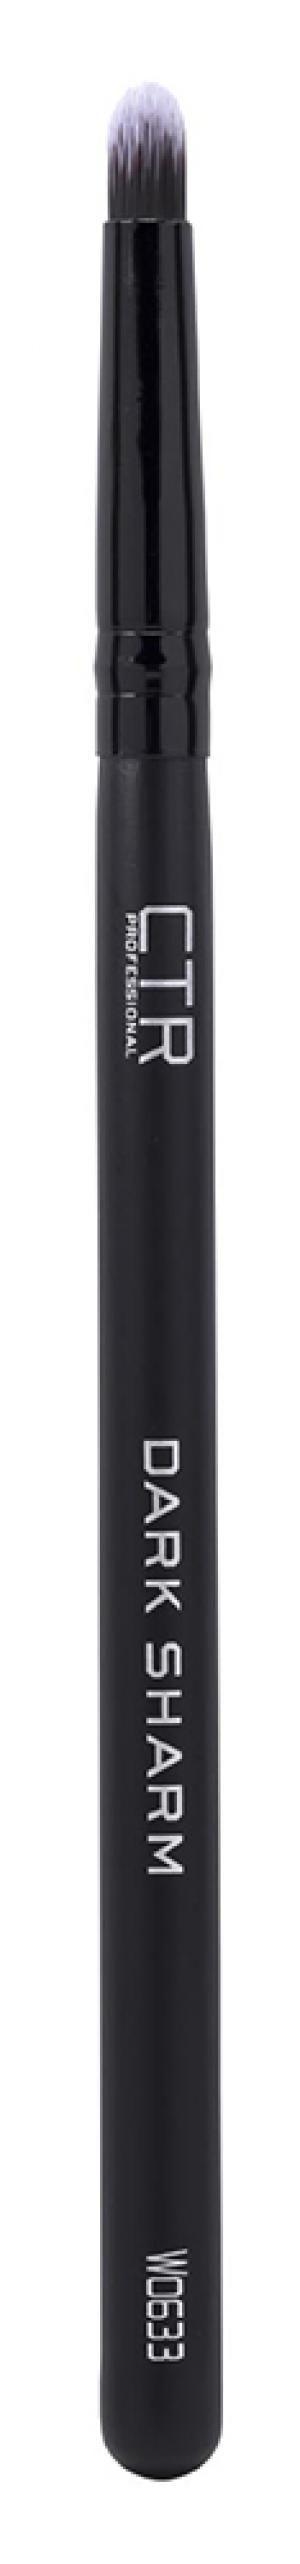 Кисть для нанесення тіней, консилера, коректора W0633 - 00-00011544